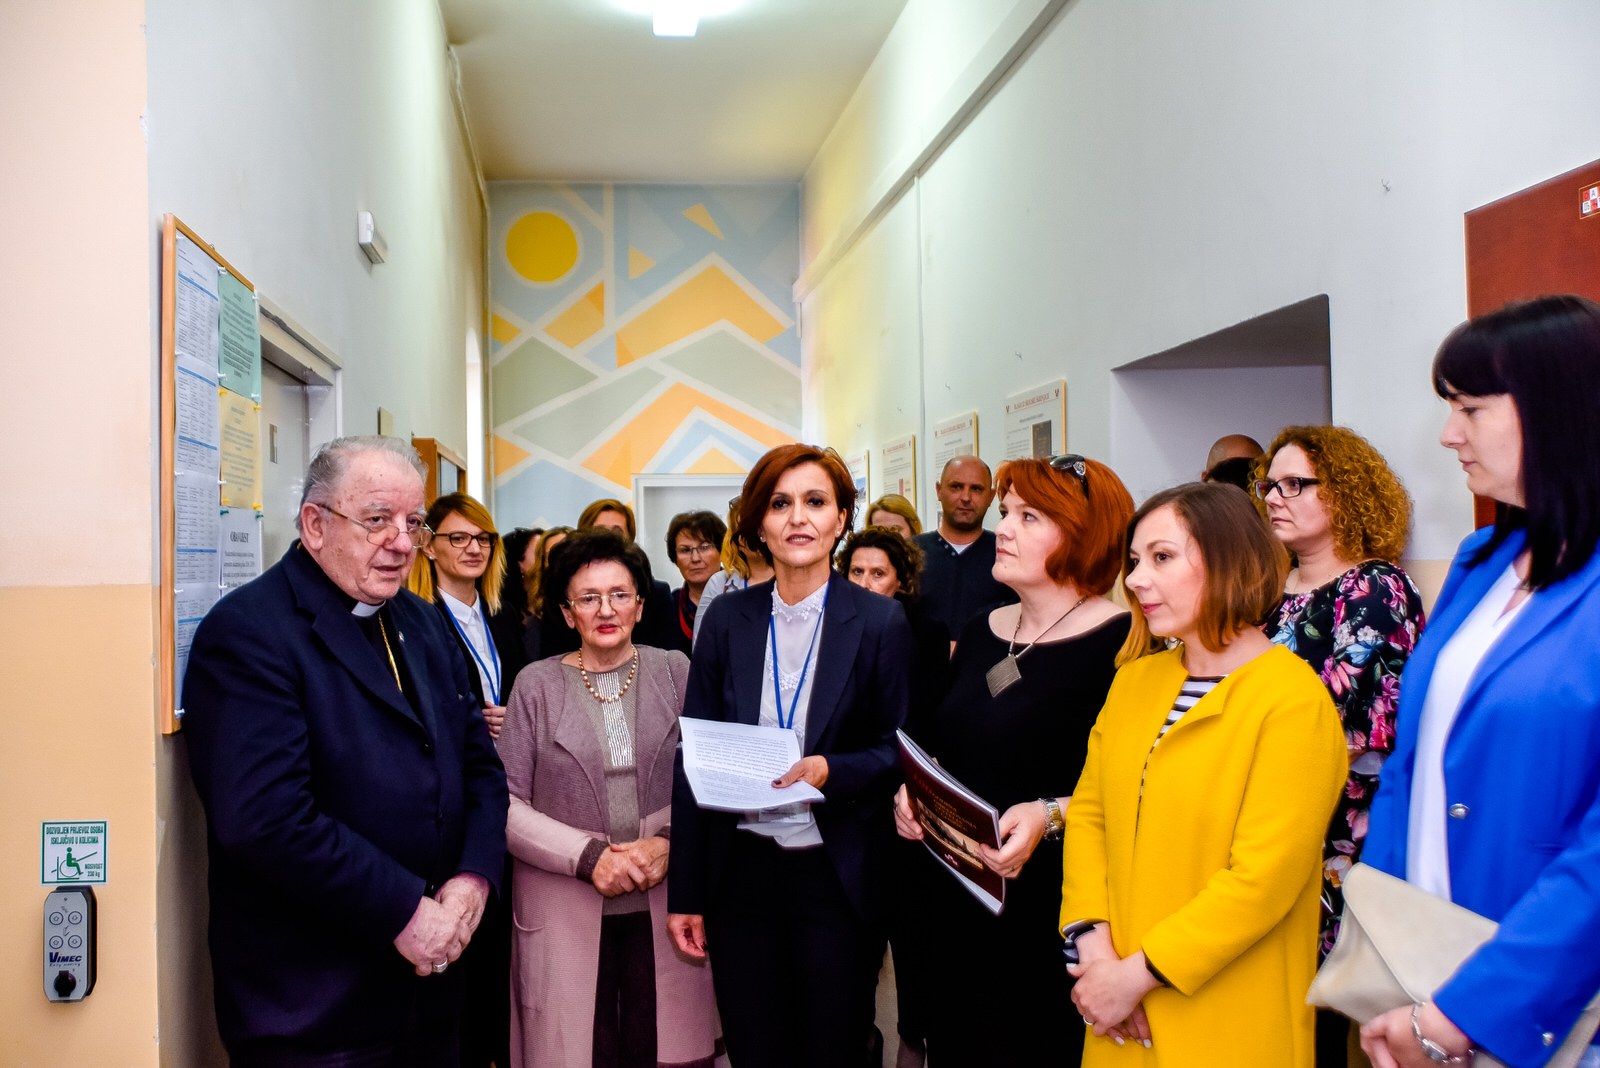 likaclub_gospić_100-godina-obrazovanja-učitelja-u-gospiću_2019-12